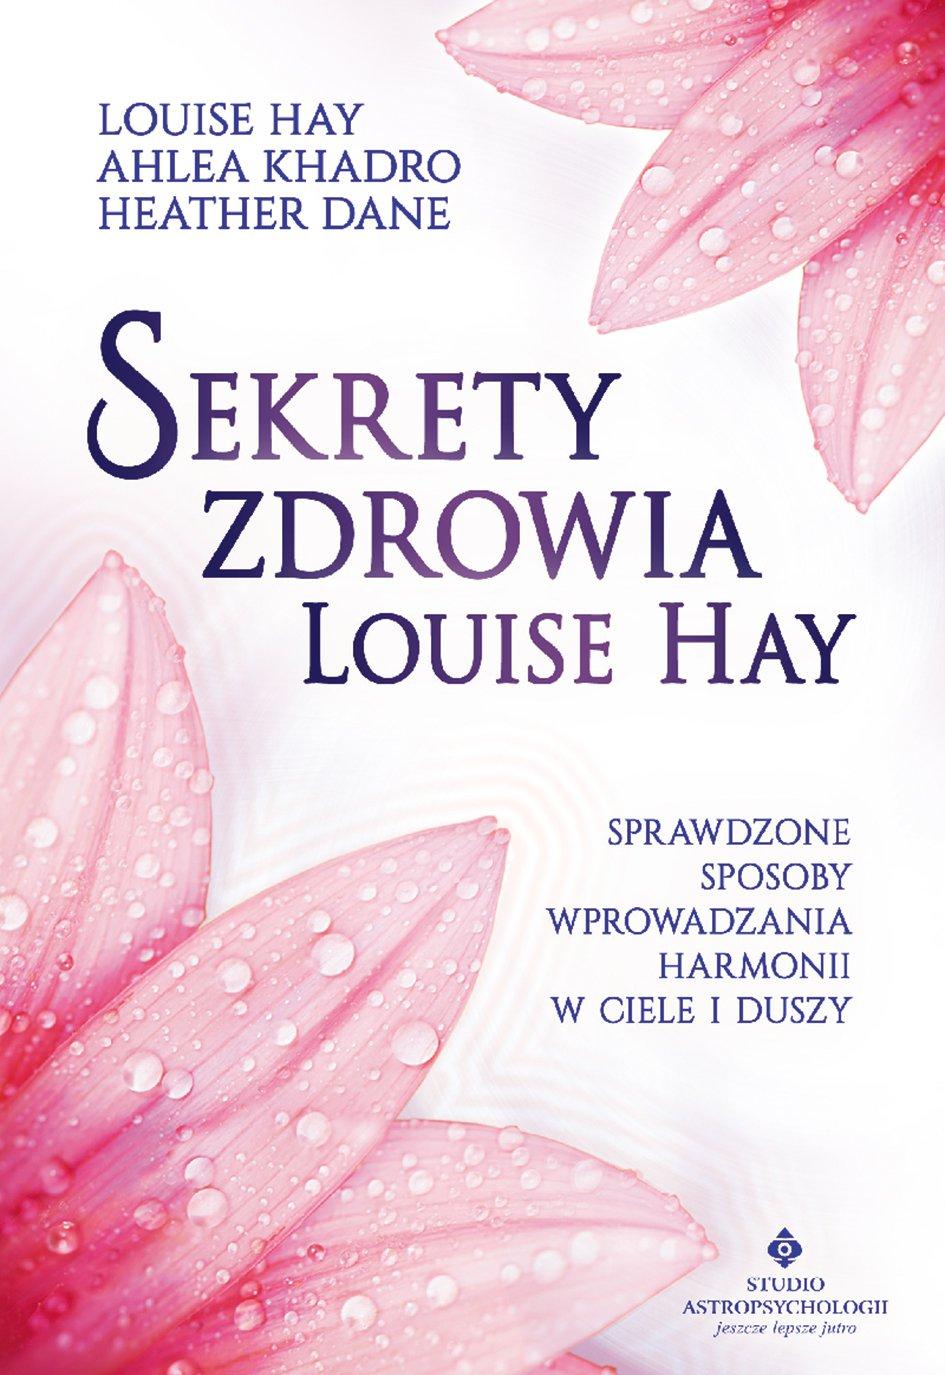 Sekrety zdrowia Louise Hay. Sprawdzone sposoby wprowadzania harmonii w ciele i duszy - Ebook (Książka PDF) do pobrania w formacie PDF